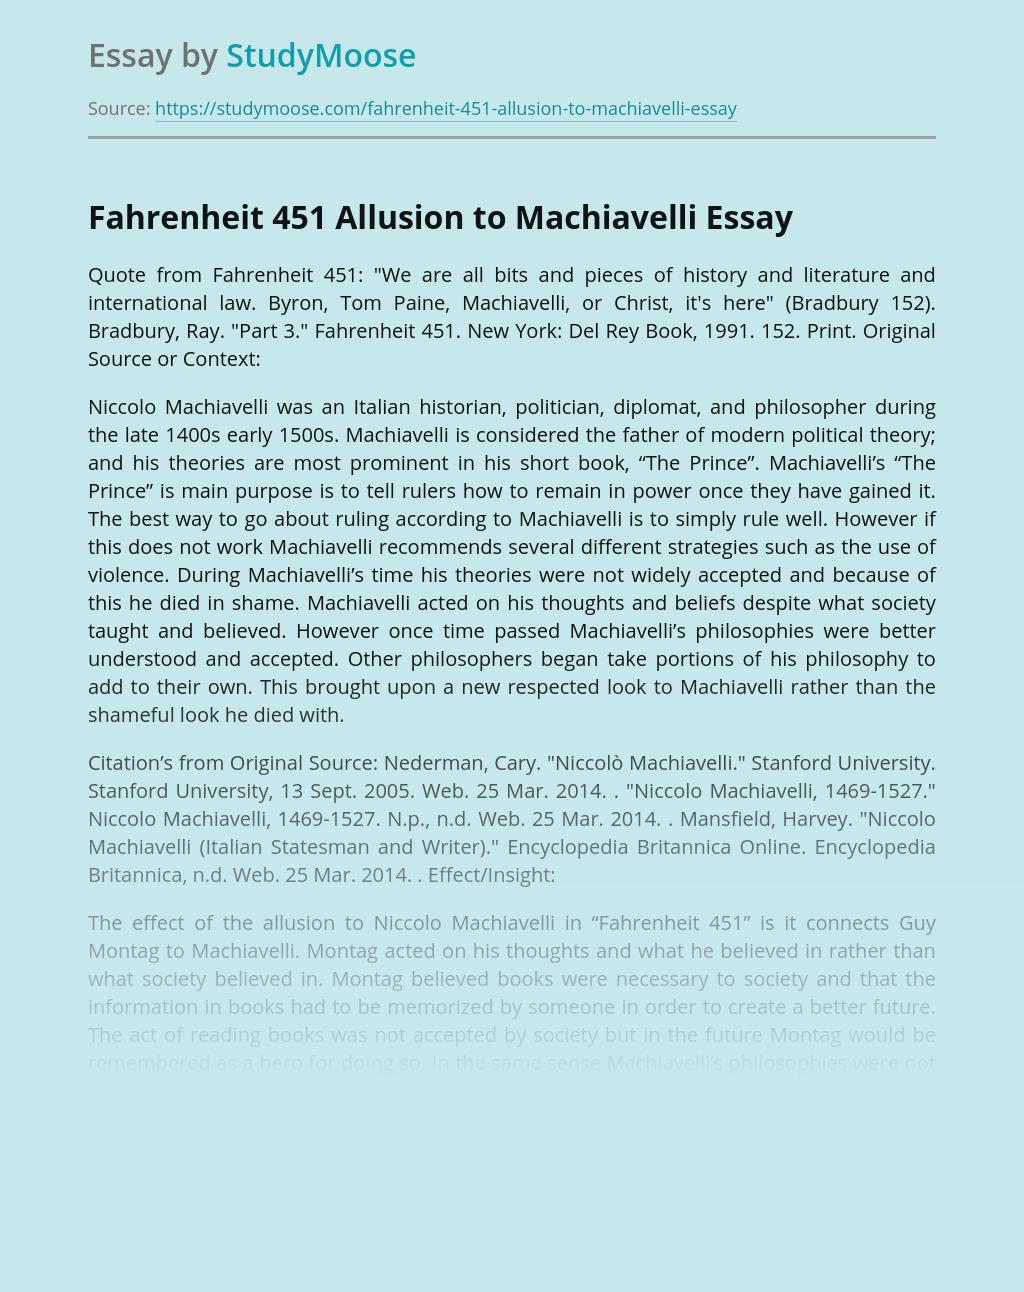 Fahrenheit 451 Allusion to Machiavelli